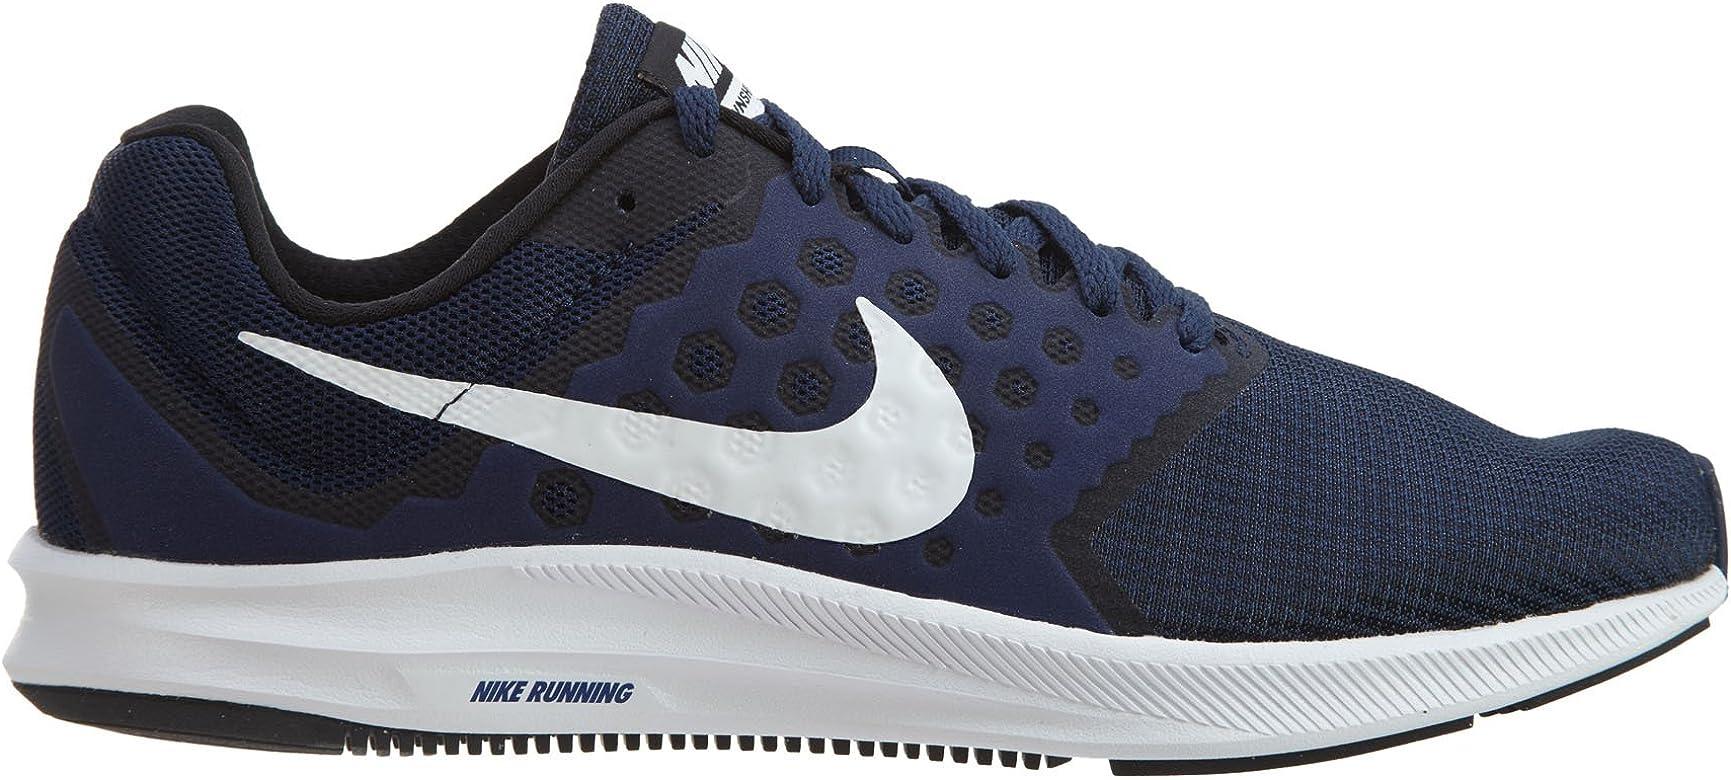 Nike Downshifter 7, Zapatillas de Running Hombre, Azul (Midnight Navy/White/Dark Obsidian/Black), 42 EU: Amazon.es: Zapatos y complementos